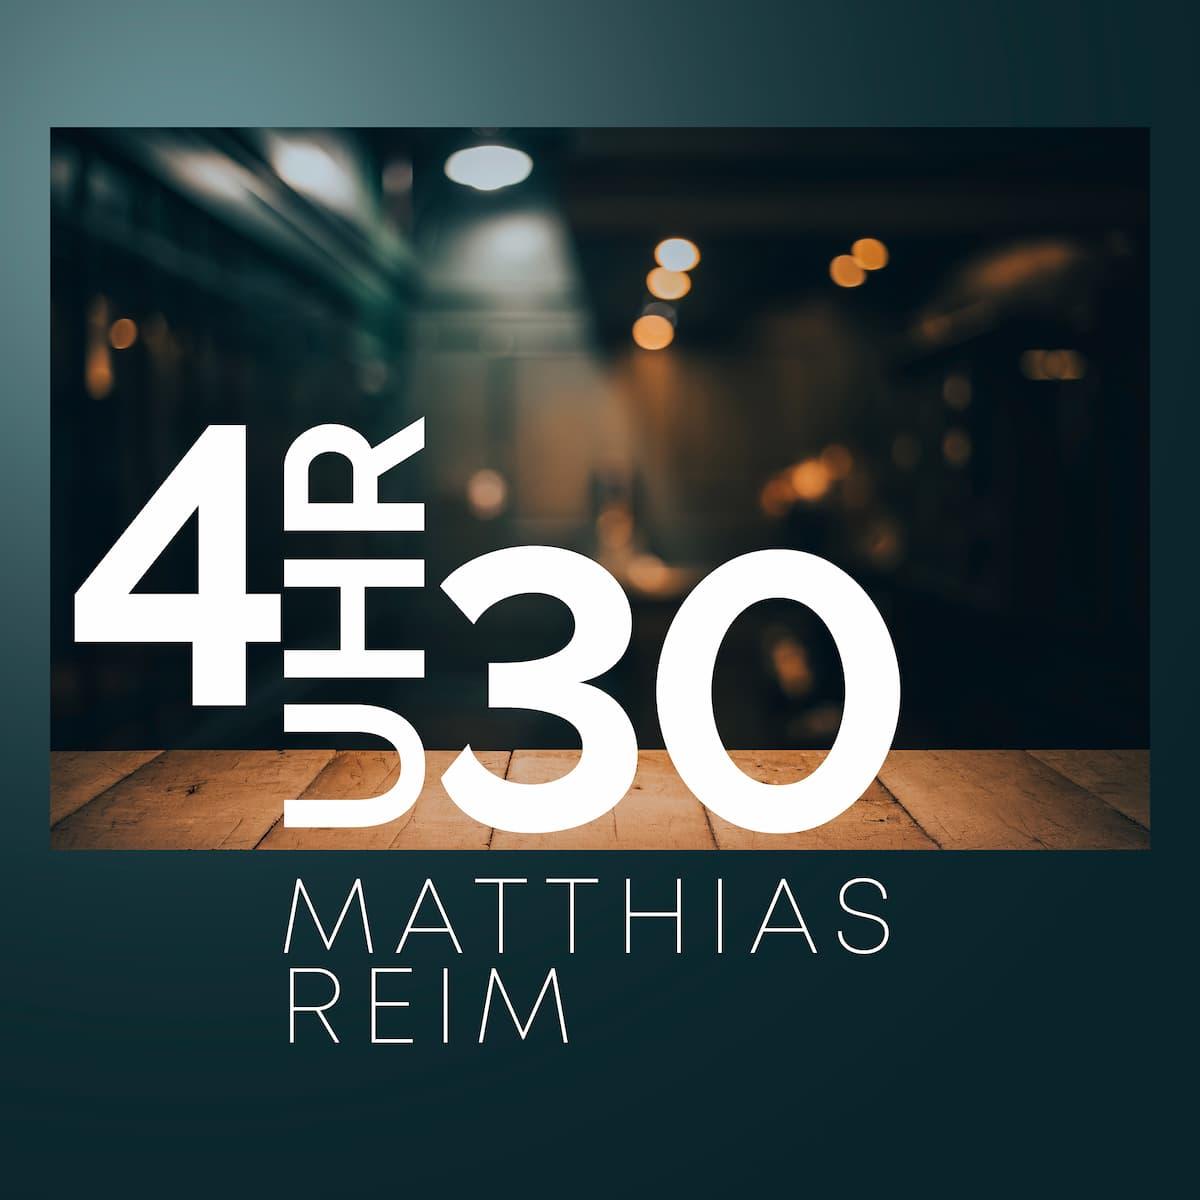 Matthias Reim veröffentlicht 4 Uhr 30 und kündigt neues Album 2022 an